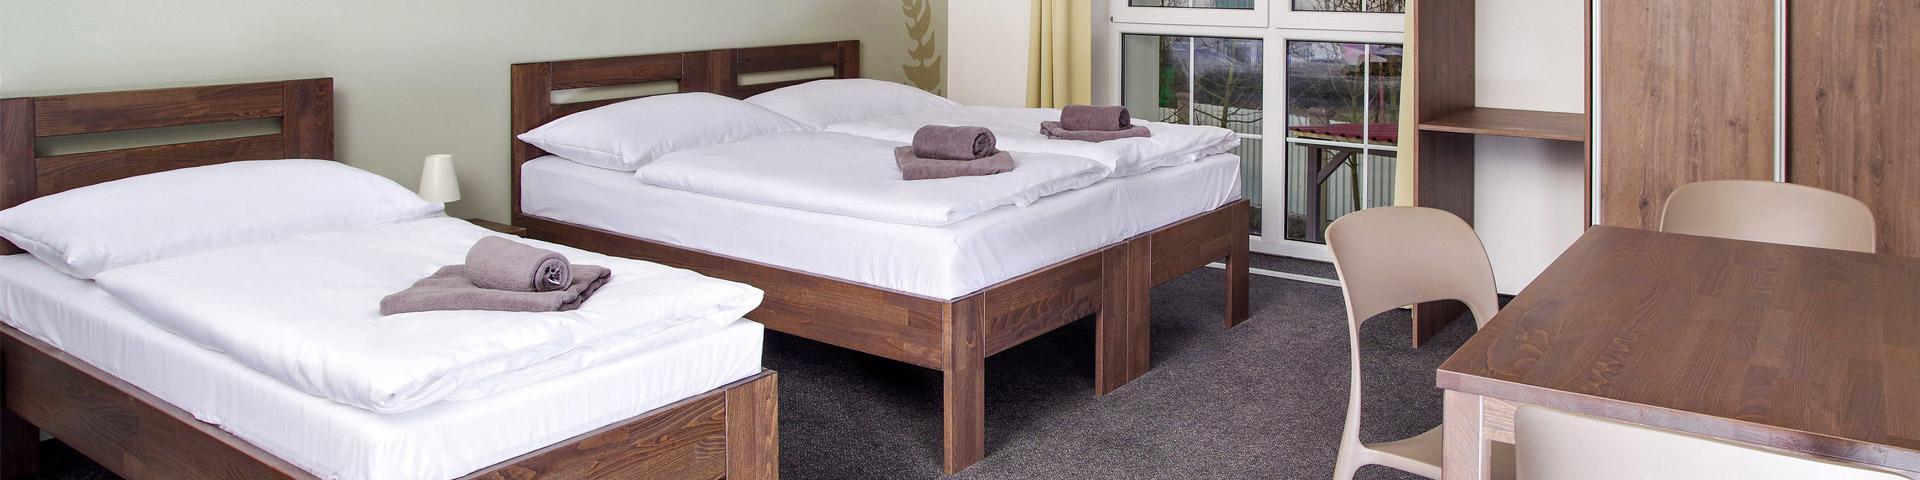 Ceník ubytování - pokoje, apartmány, služby